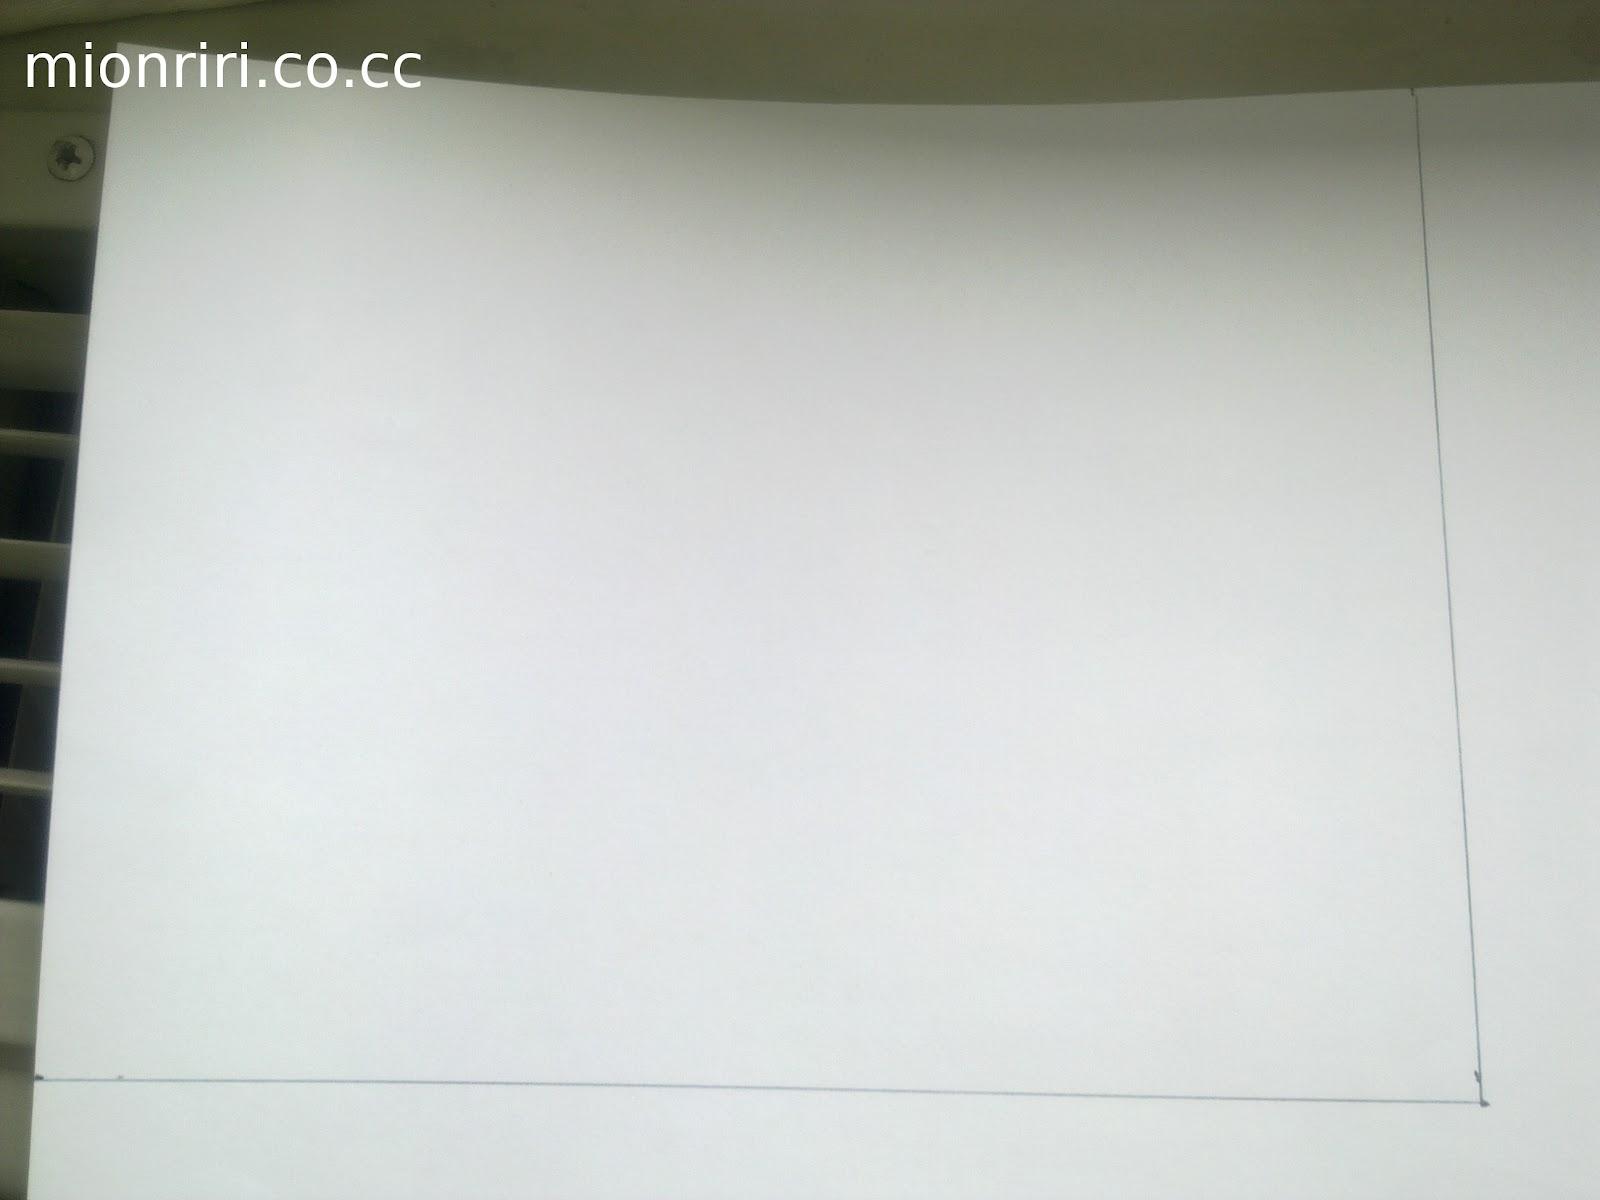 membuat pola di kertas hvs untuk bingkai bagian belakang